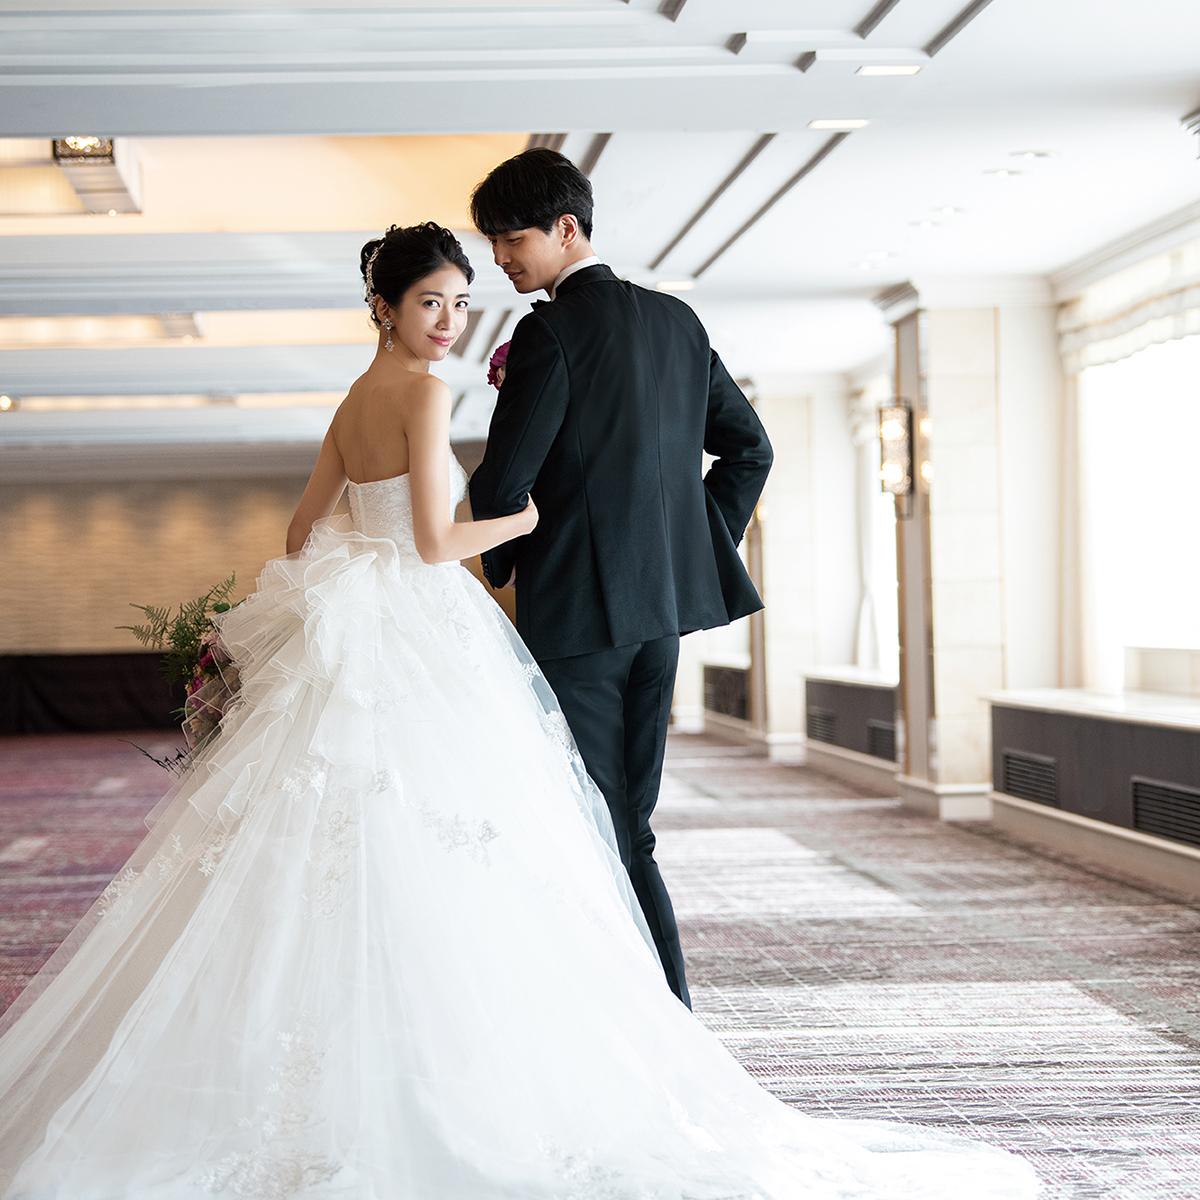 結婚が決まったおふたりに新着情報イメージ3